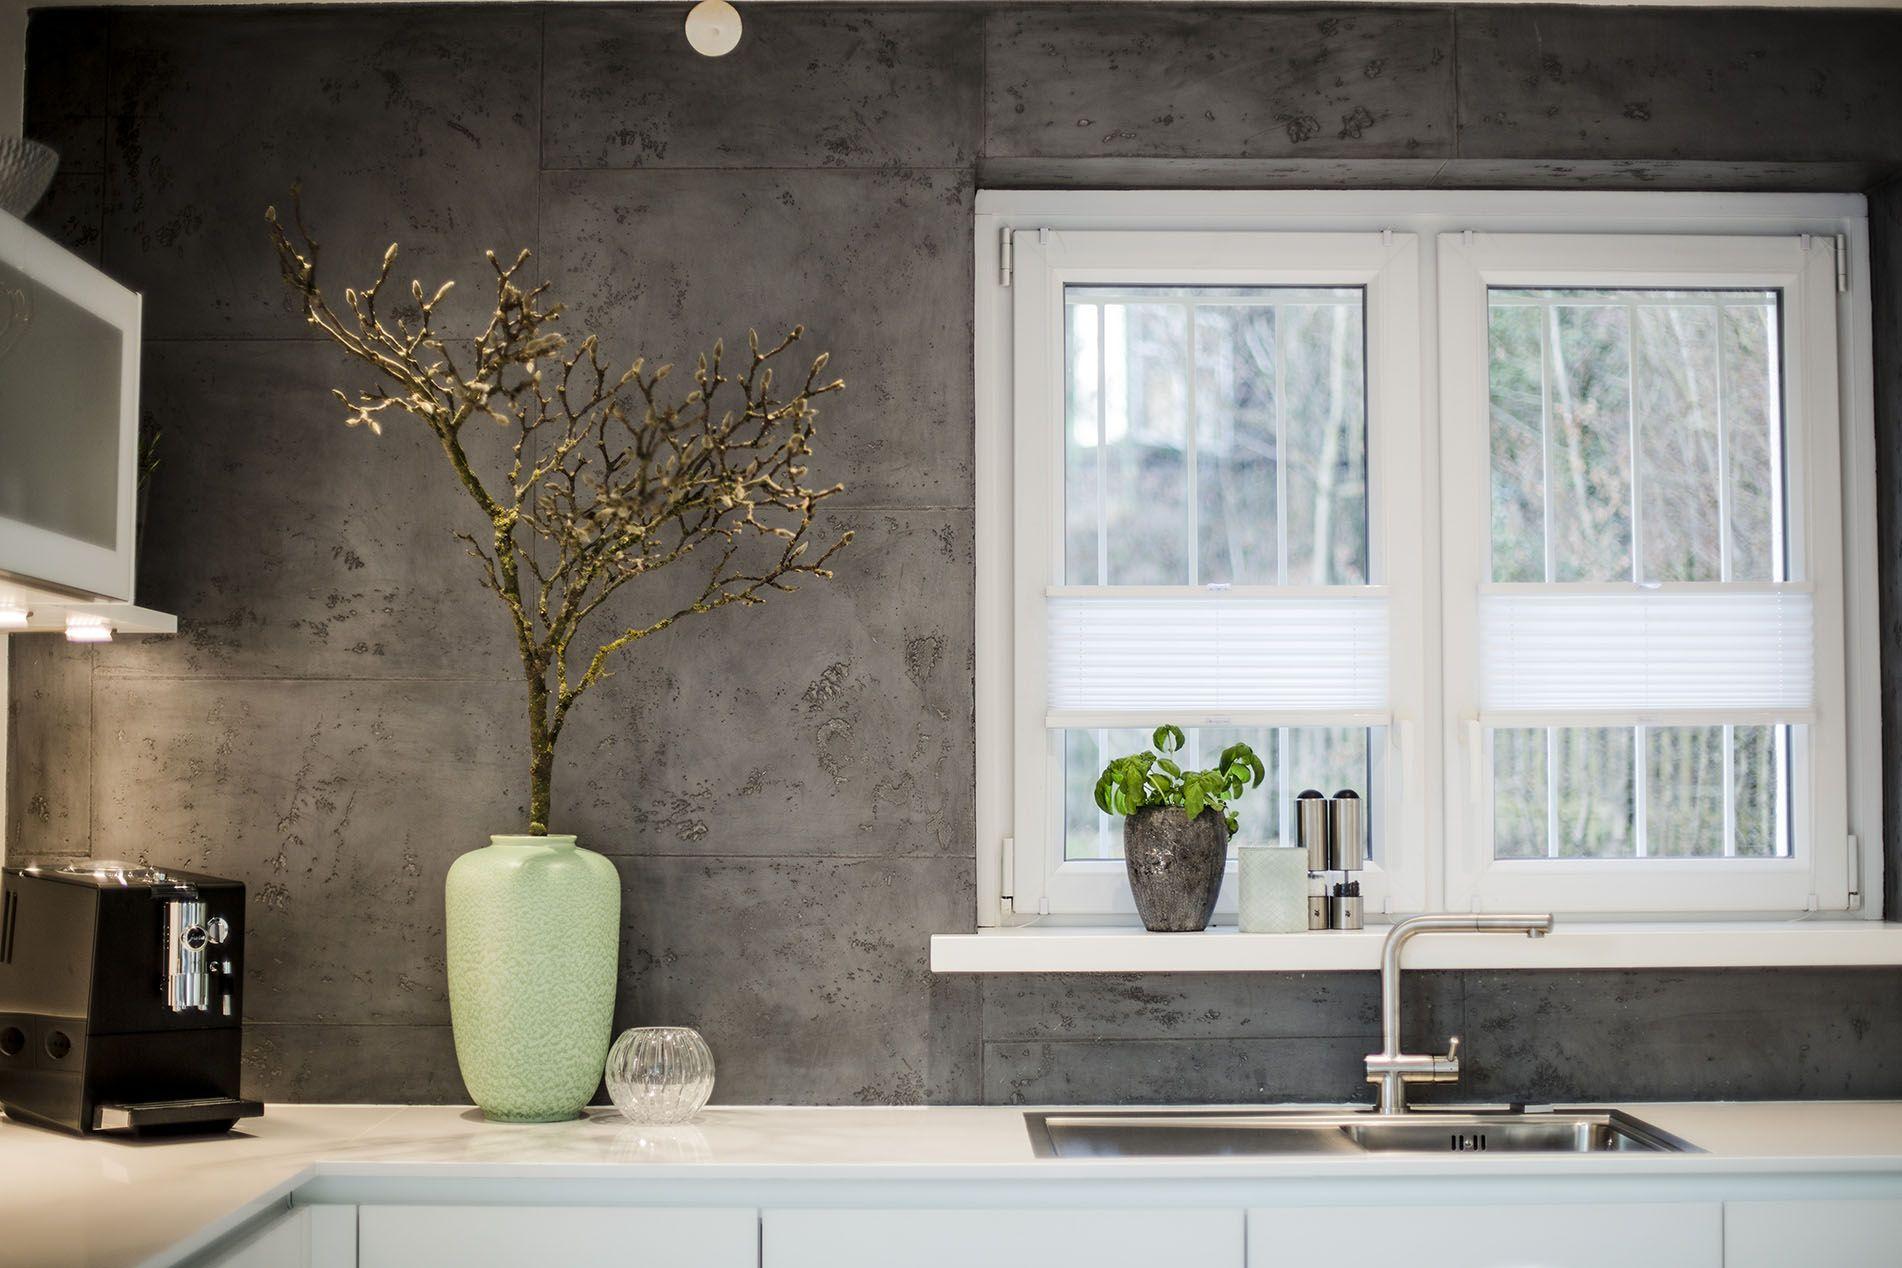 Küchenfront betonoptik ~ Wandgestaltung betonoptik magnolienzweig küche kitchen